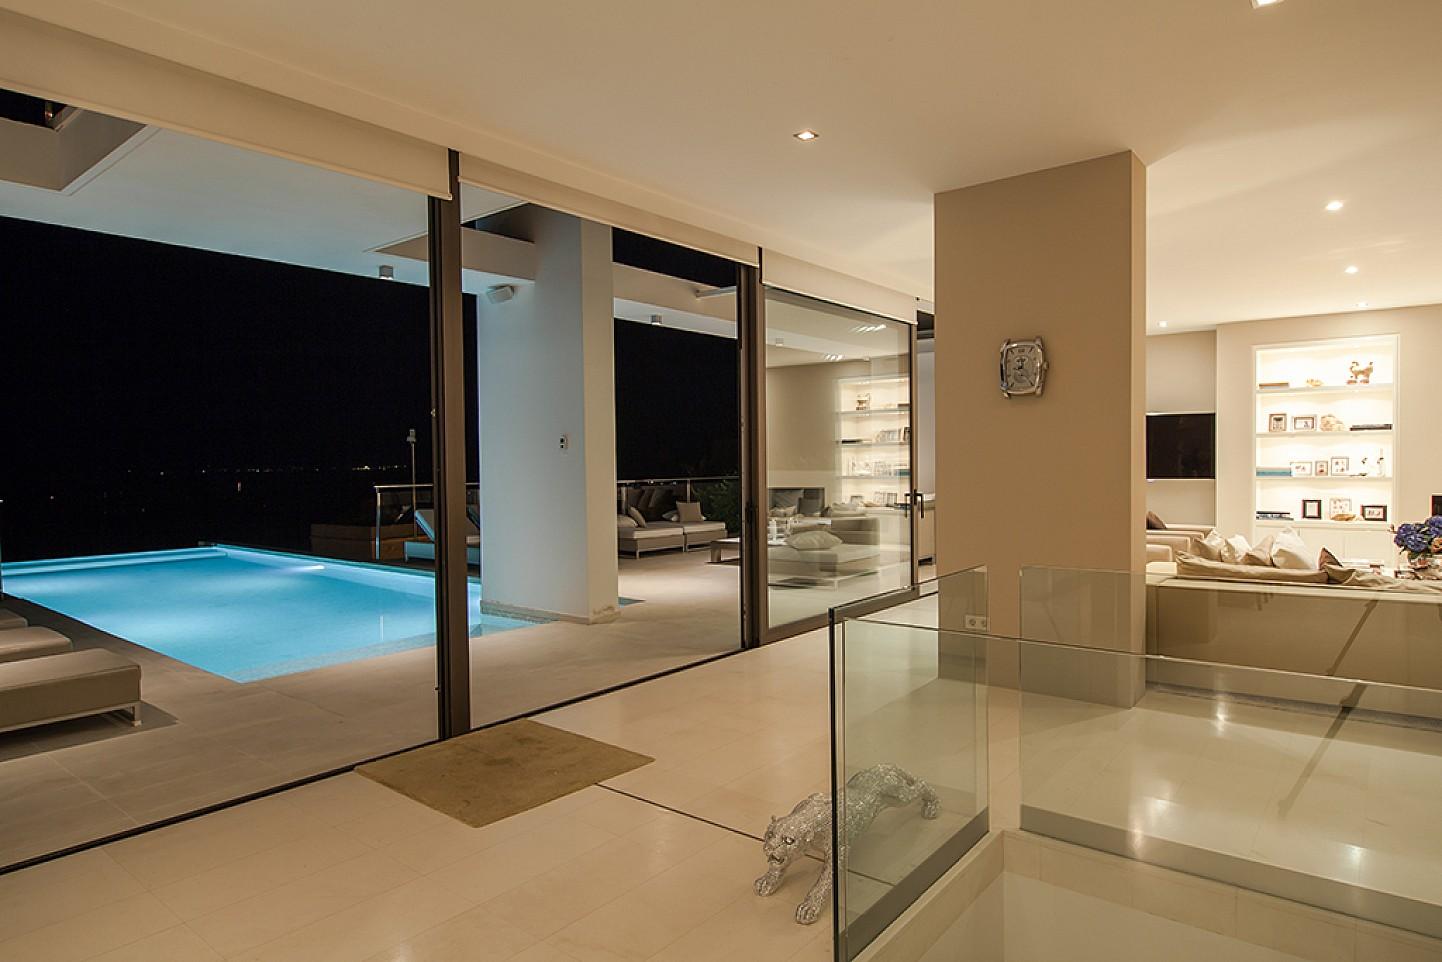 Wohnzimmerbereich mit Zugang zur offenen Terrasse